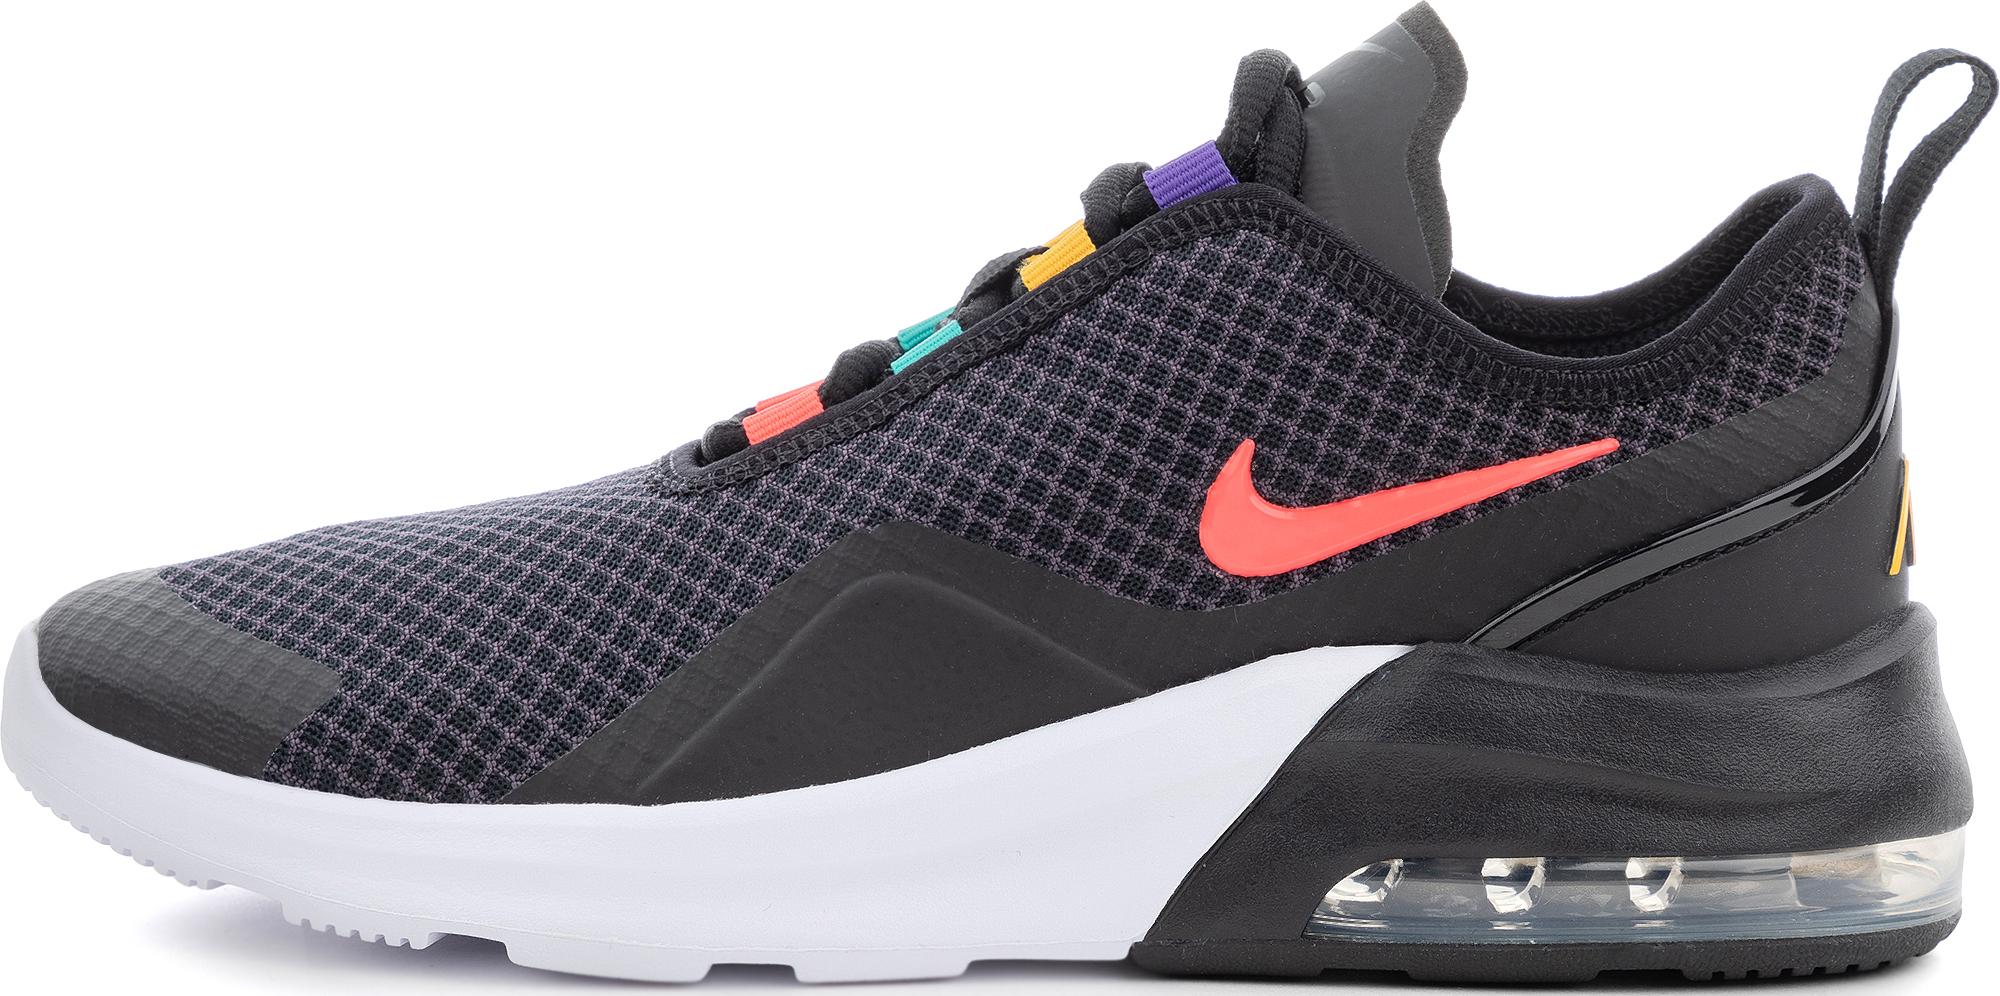 Nike Кроссовки для девочек Nike Air Max Motion 2, размер 39 nike nike обувь повседневная обувь air max 90 воздушная подушка кроссовки 325213 040 черный 38 5 ярдов